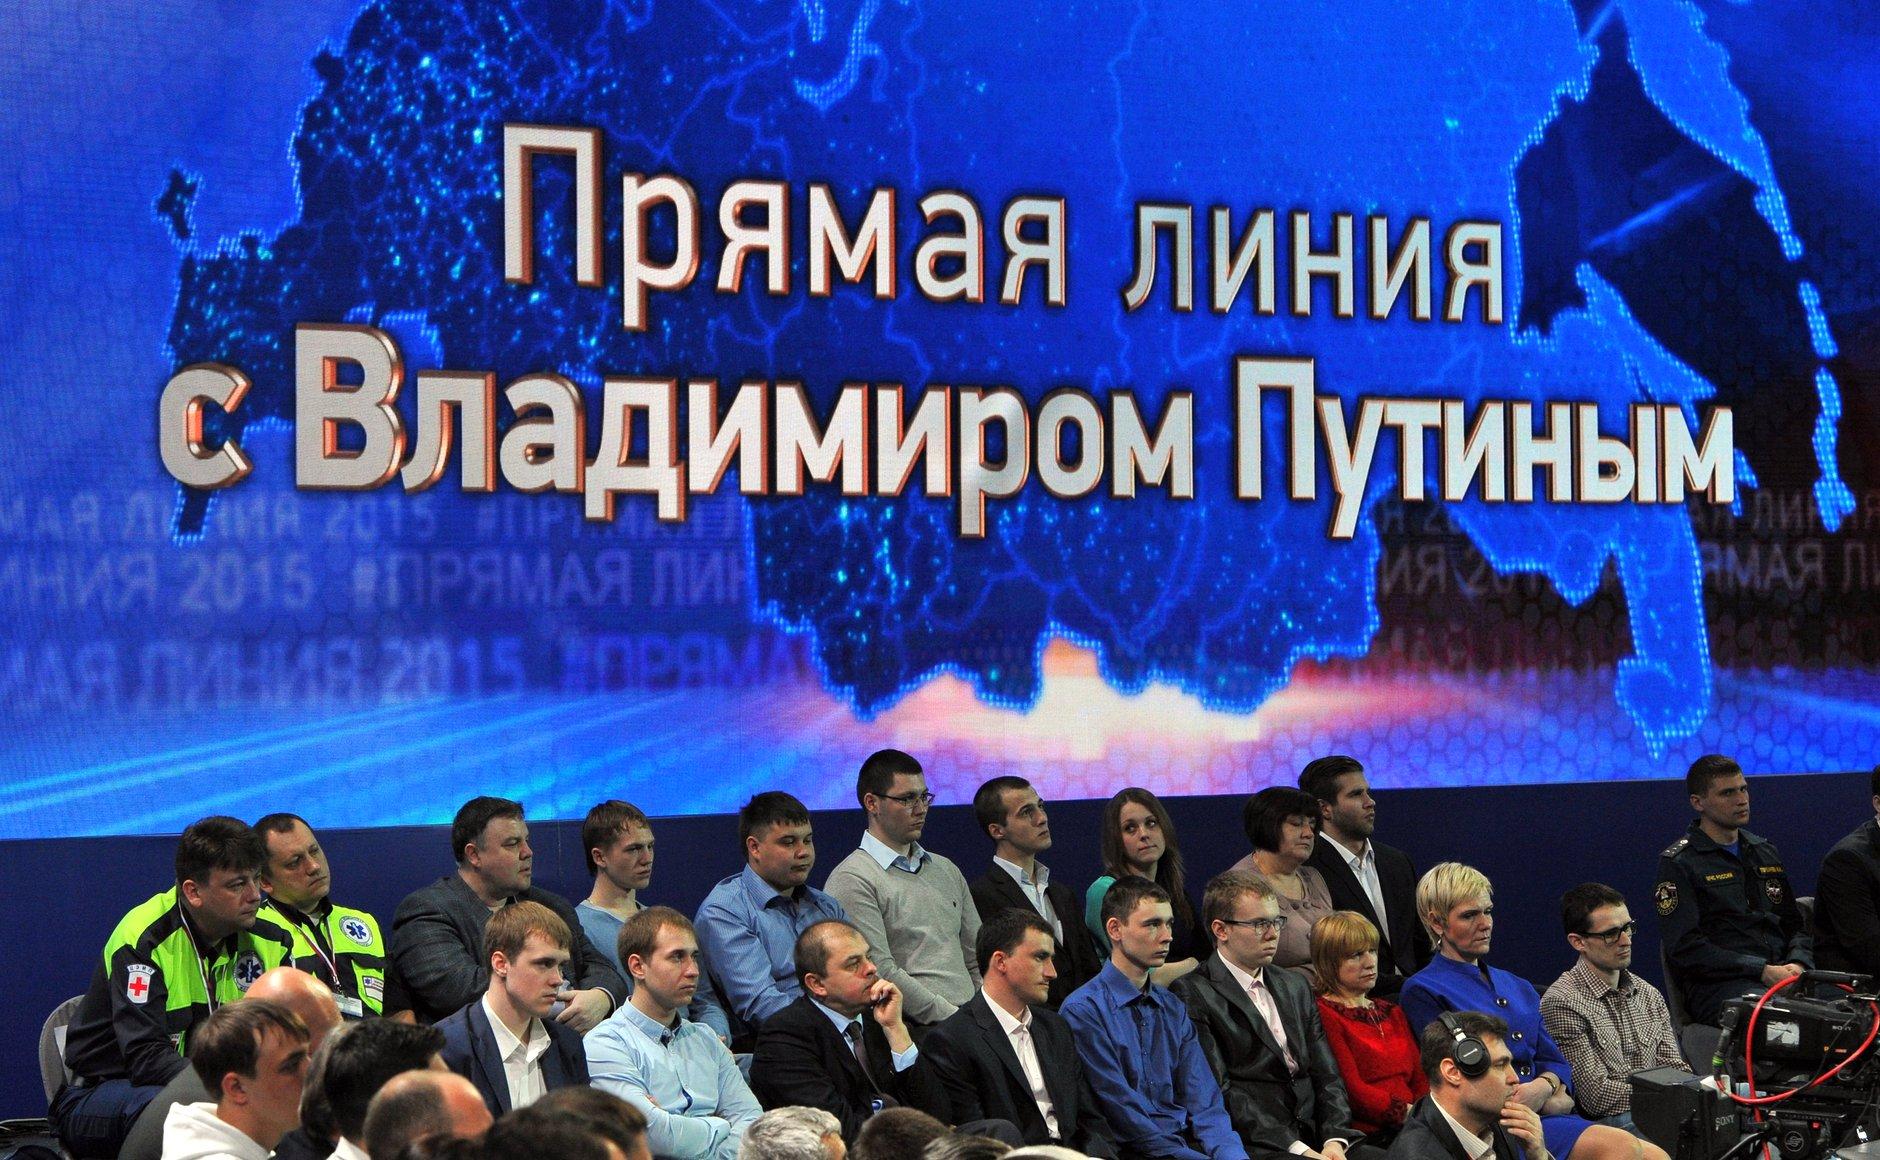 Зеленський встановив світовий рекорд з тривалості спілкування з пресою, - Національний реєстр рекордів - Цензор.НЕТ 187